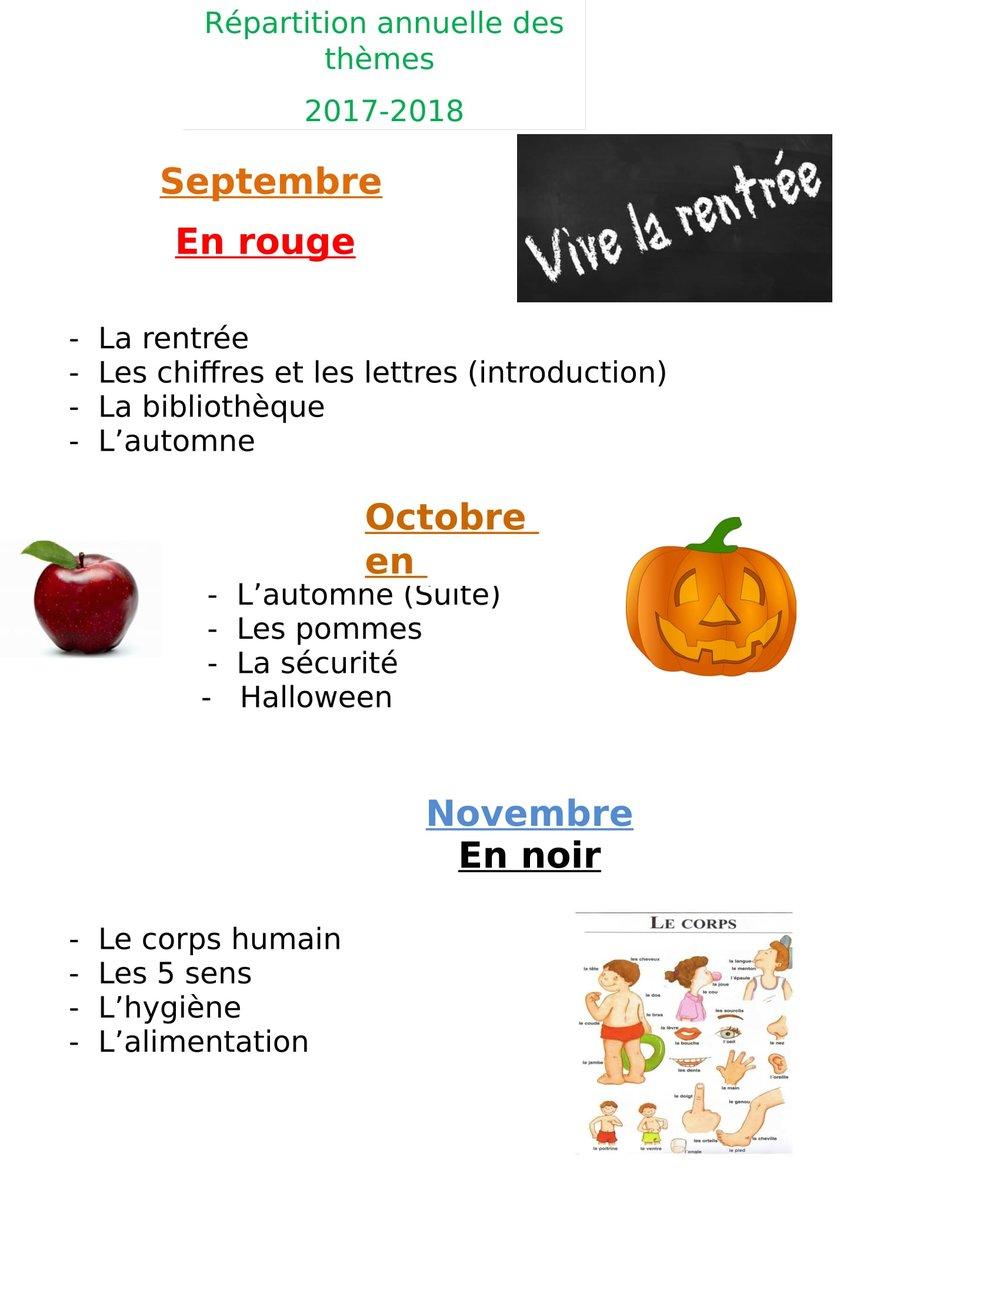 THEMES DE L ANNÉE 2017-2018-1.jpg